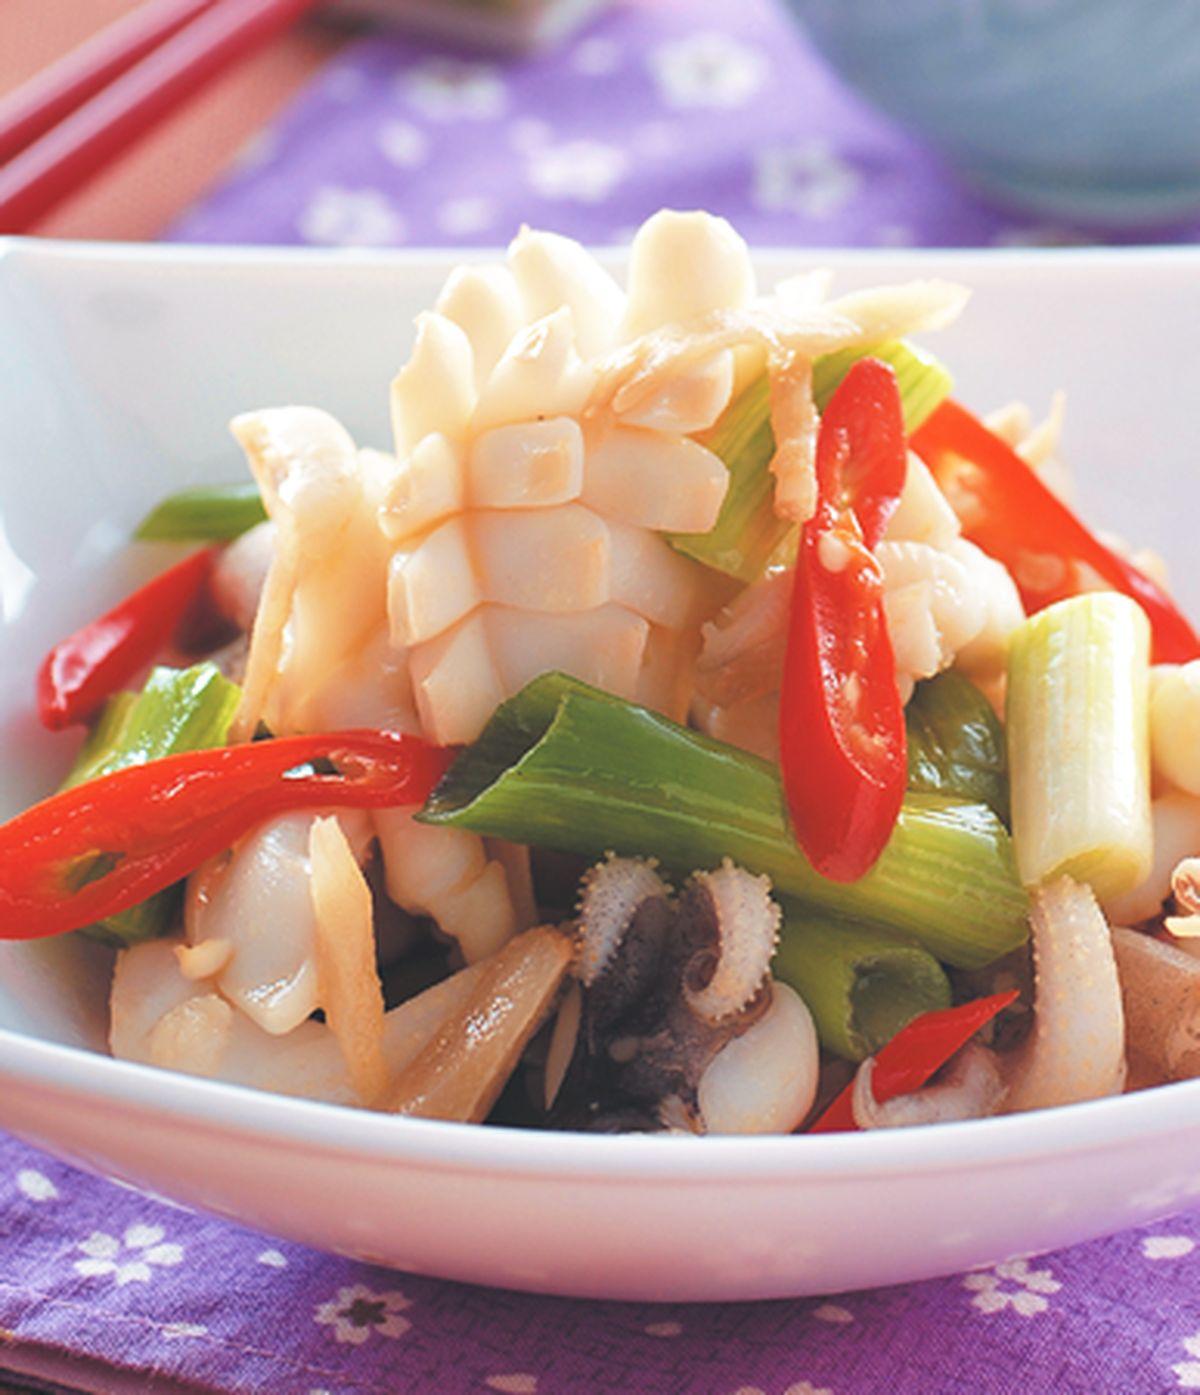 食譜:青蔥炒花枝